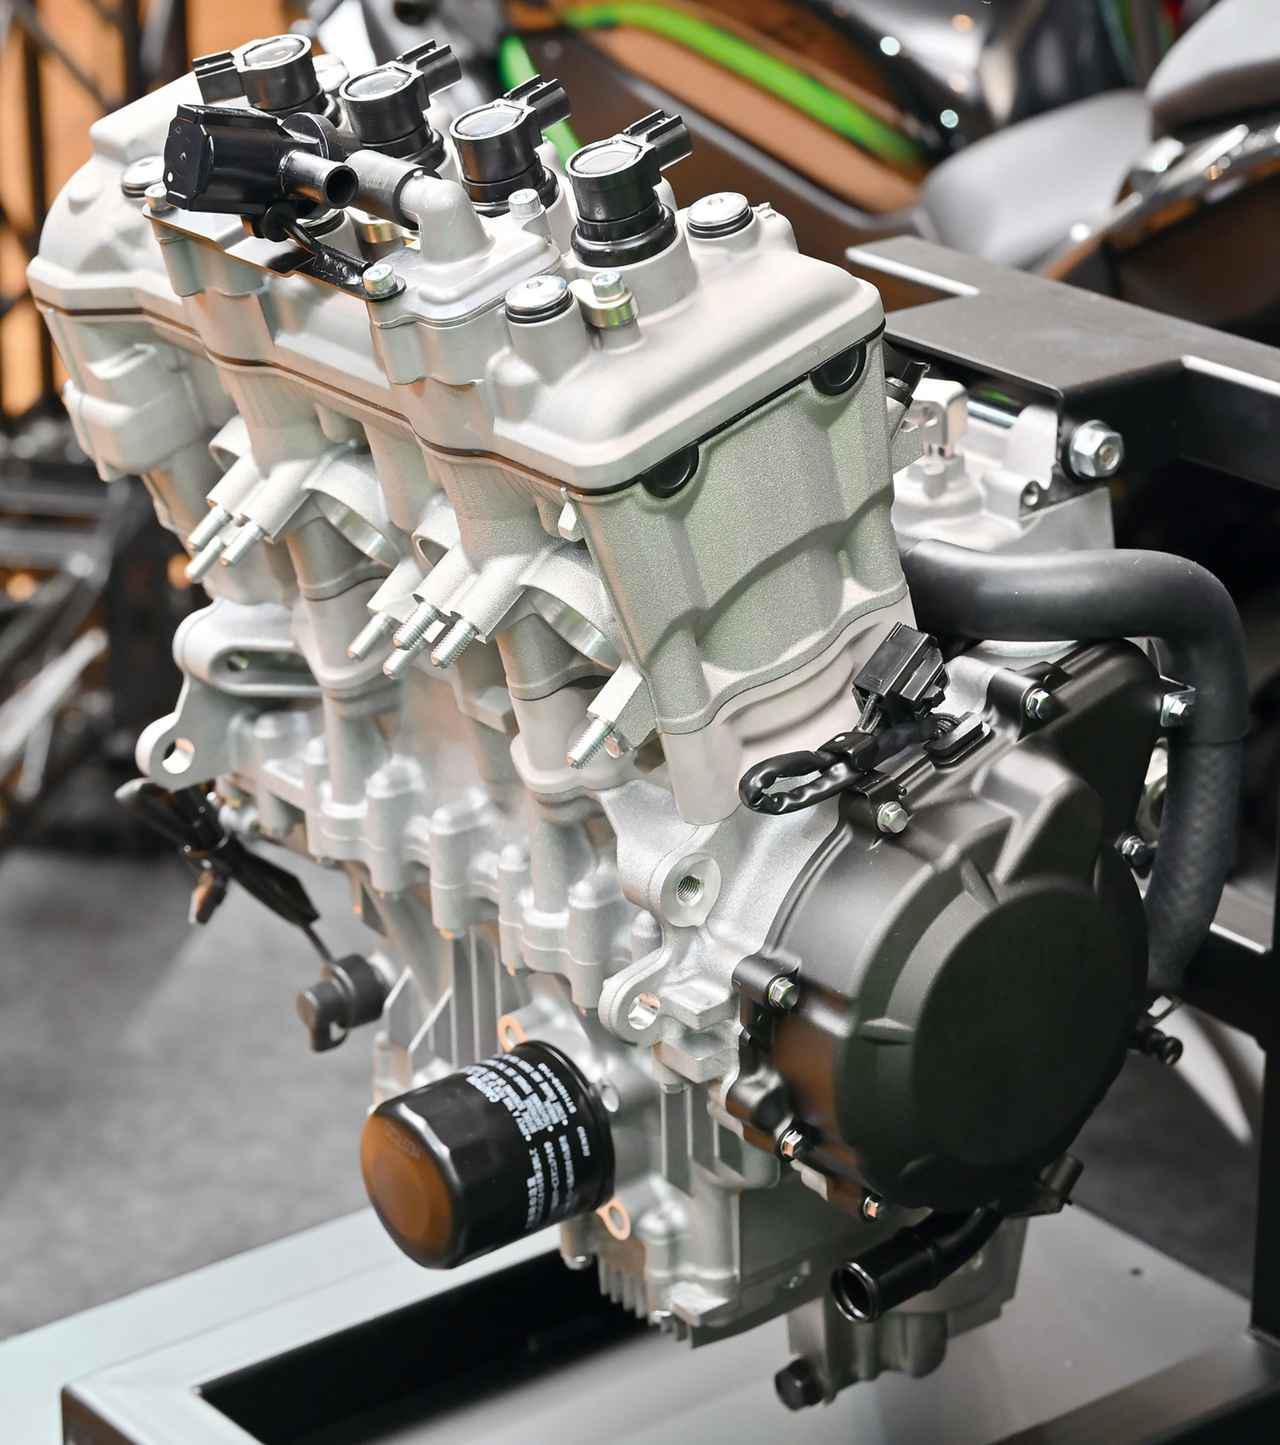 画像: 生産国のインドネシアでは「45PS越え」という噂もある、この250㏄新型4気筒ユニット。カワサキが誇る最新テクノロジーを駆使したこのエンジンの各部を色々見ながら、その狙いを推察してみよう。シリアルナンバーの打刻スペースには打刻はなし。今回展示されたエンジンは量産試作のプロトタイプと思われる。